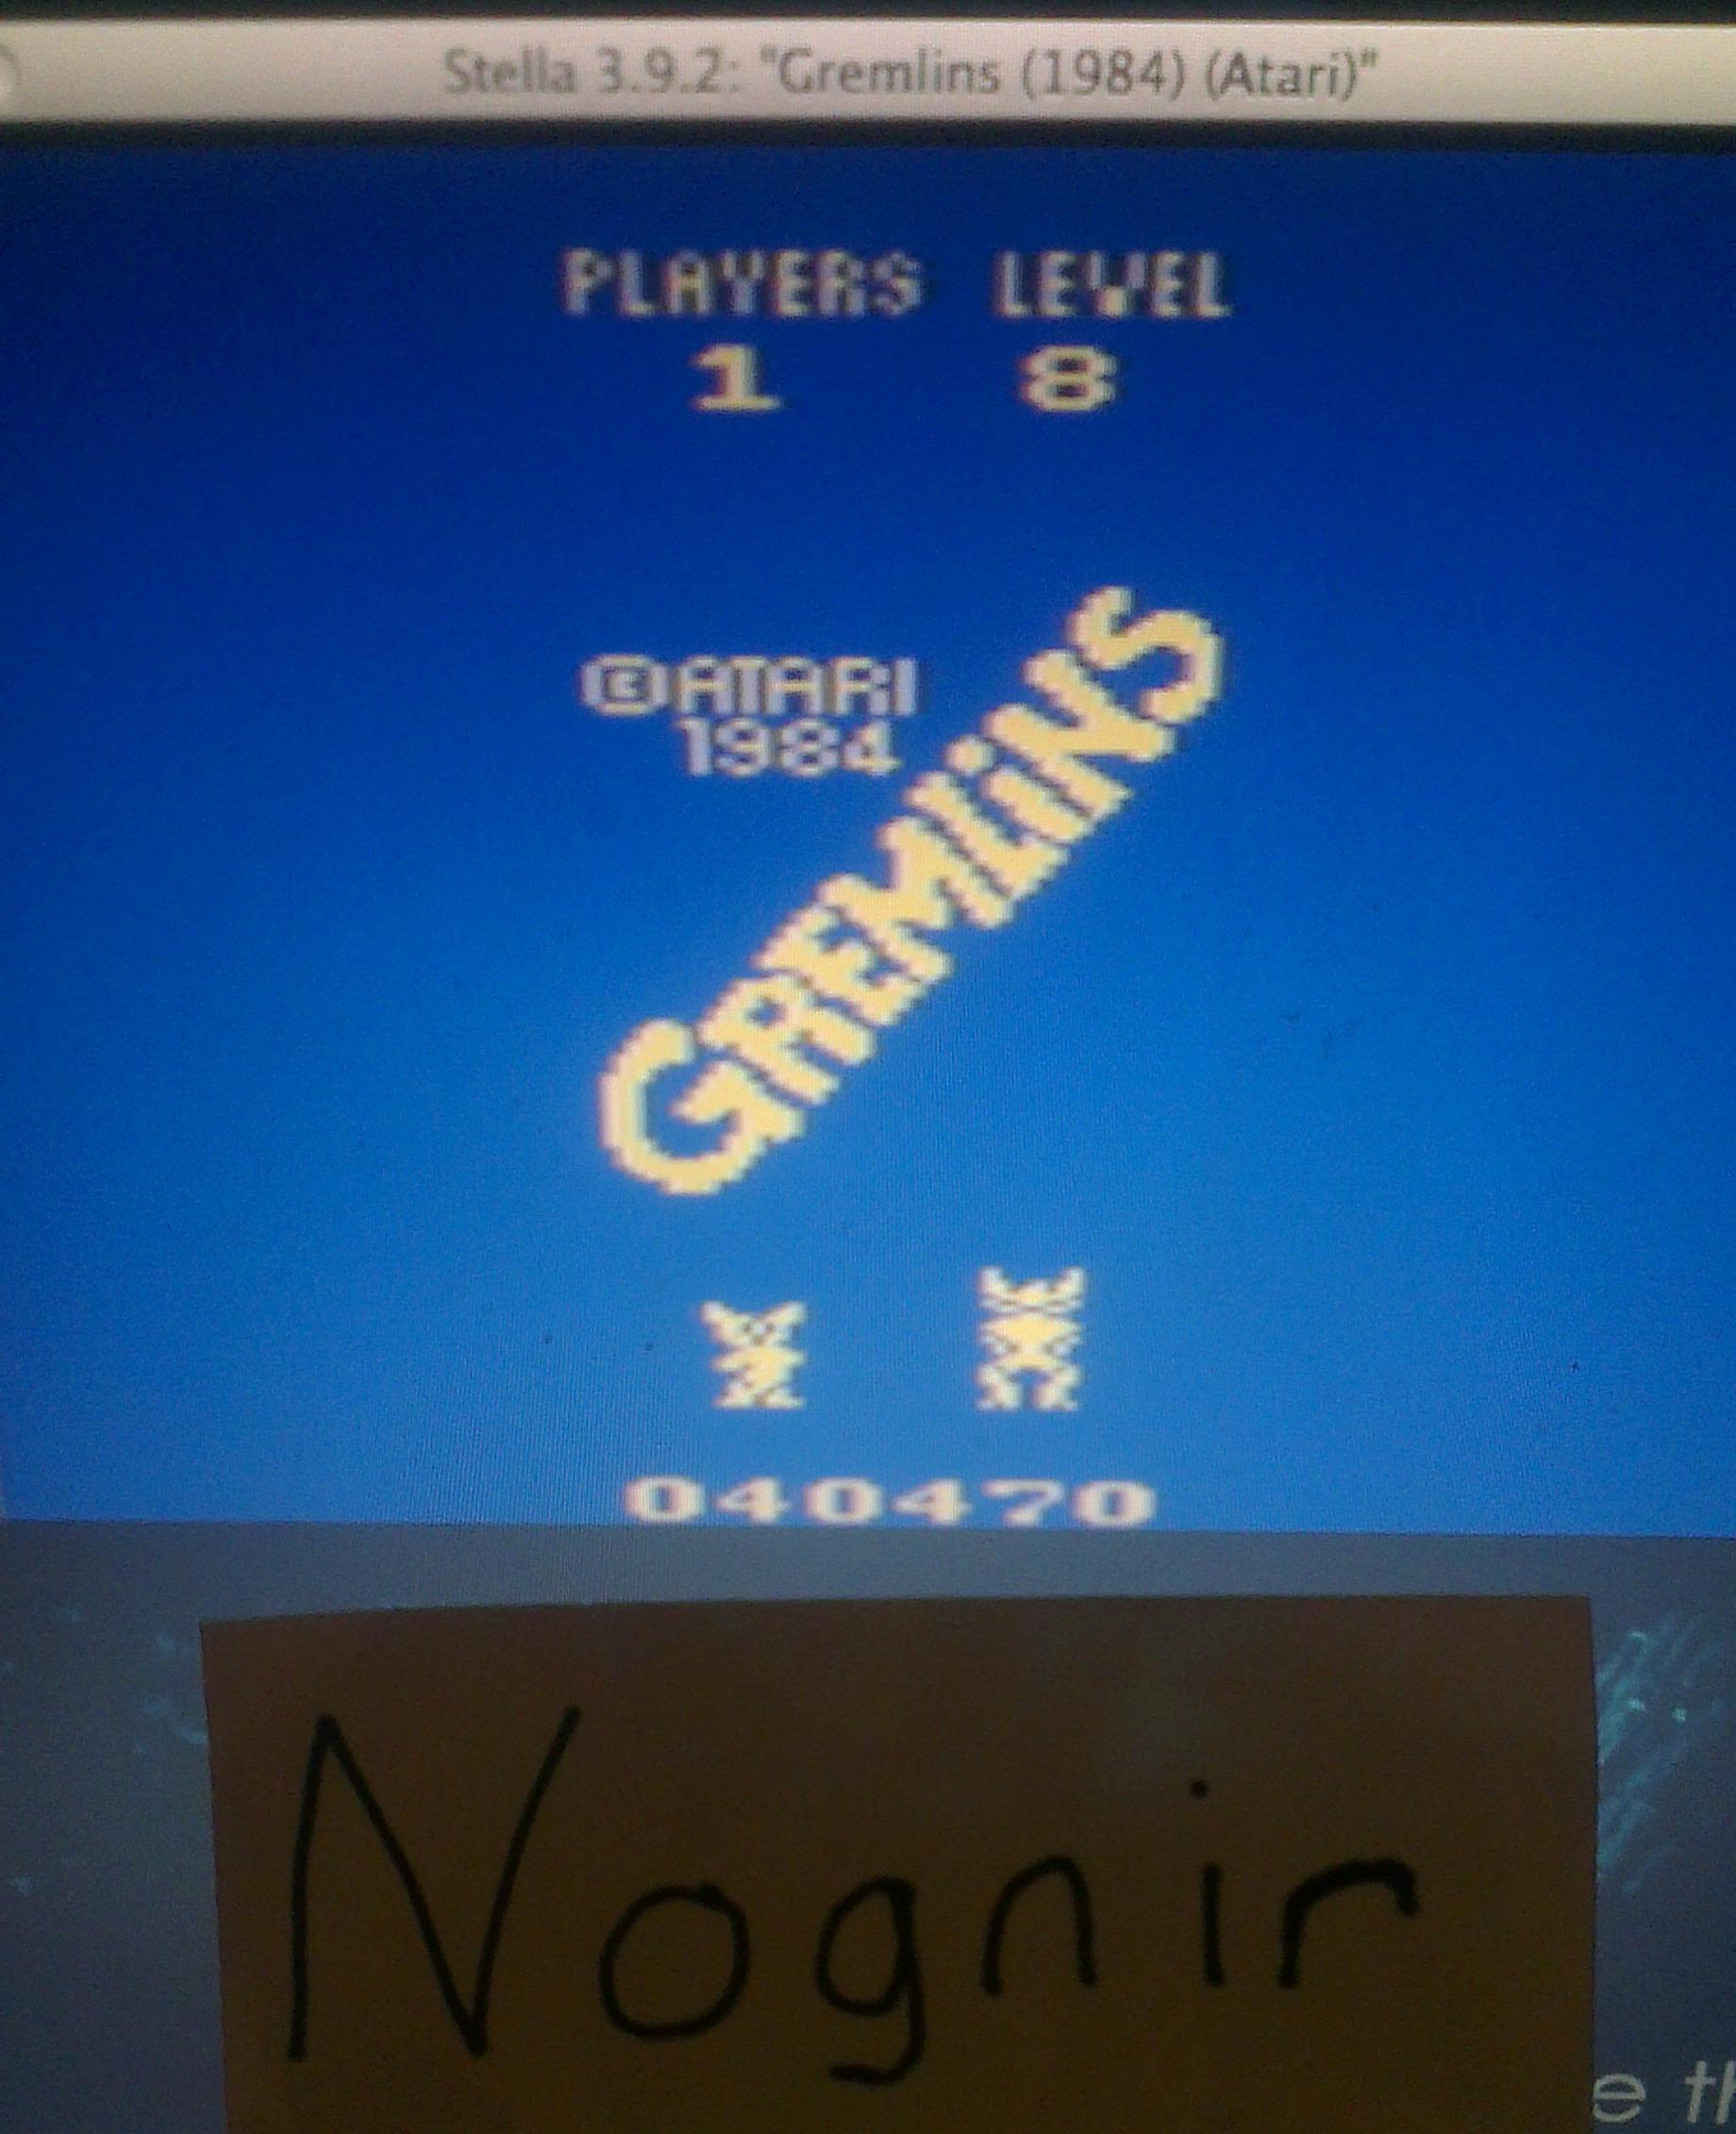 Gremlins 40,470 points